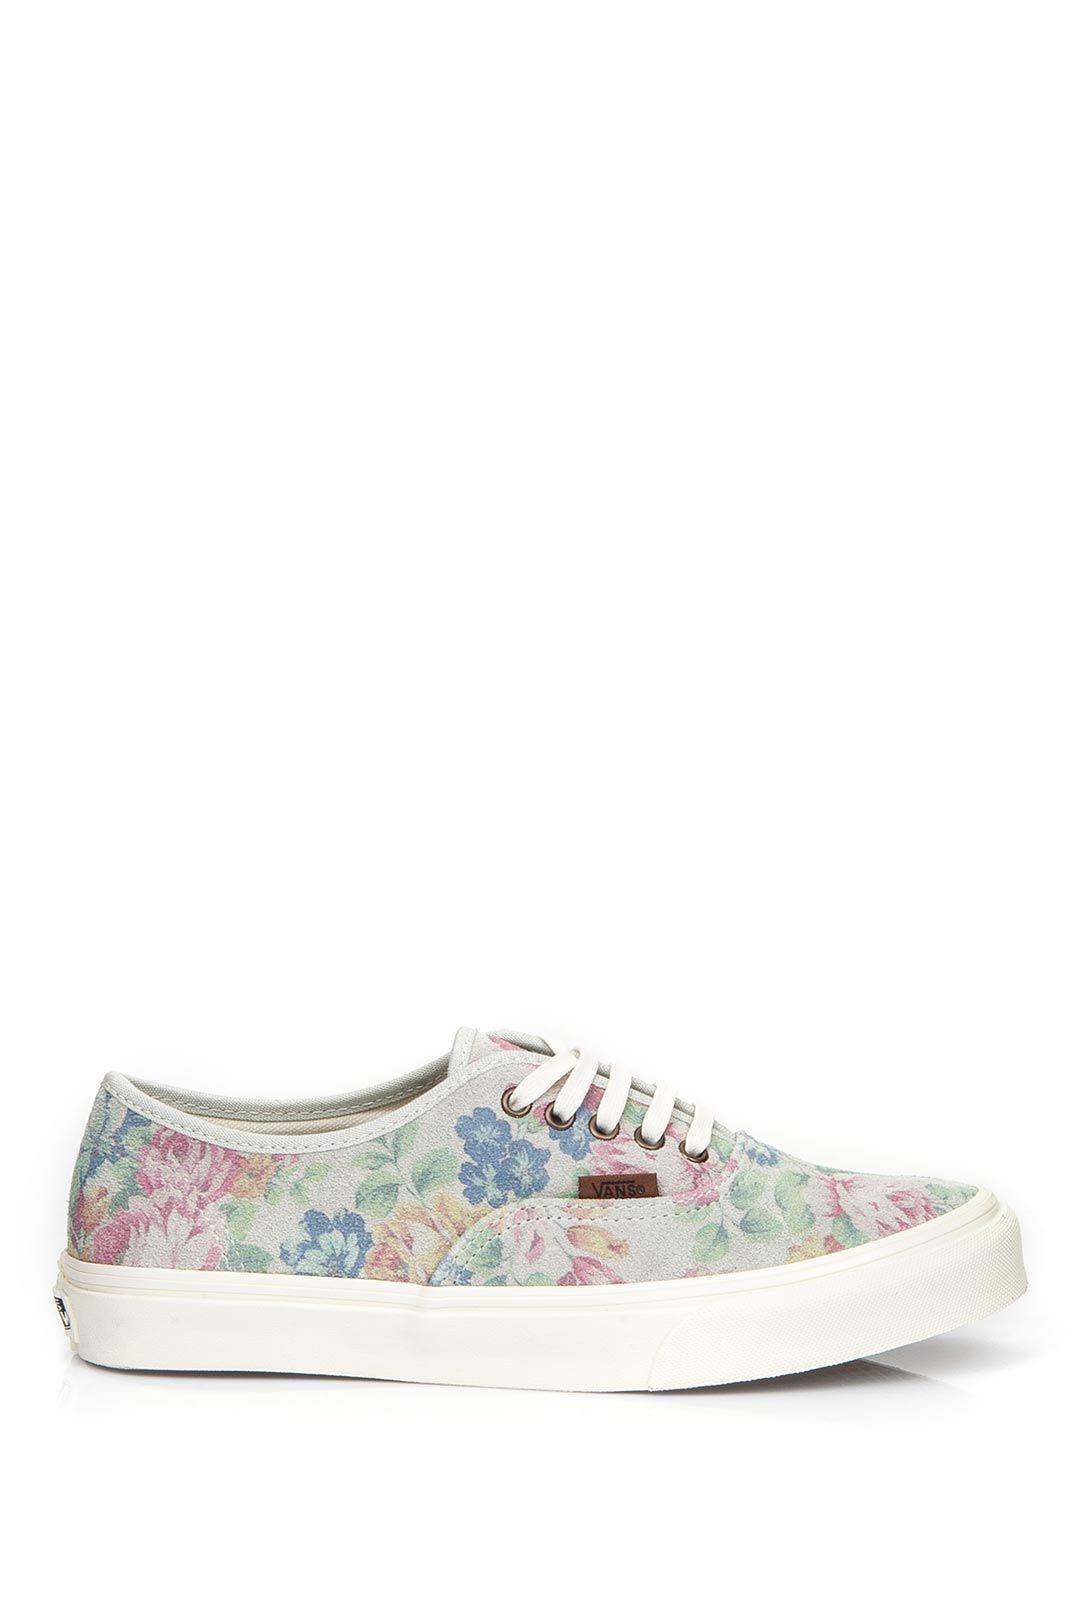 255649dac968ac Vans Authentic Slim (Suede Floral) Marshmallow Vans  Lidyana.com ...